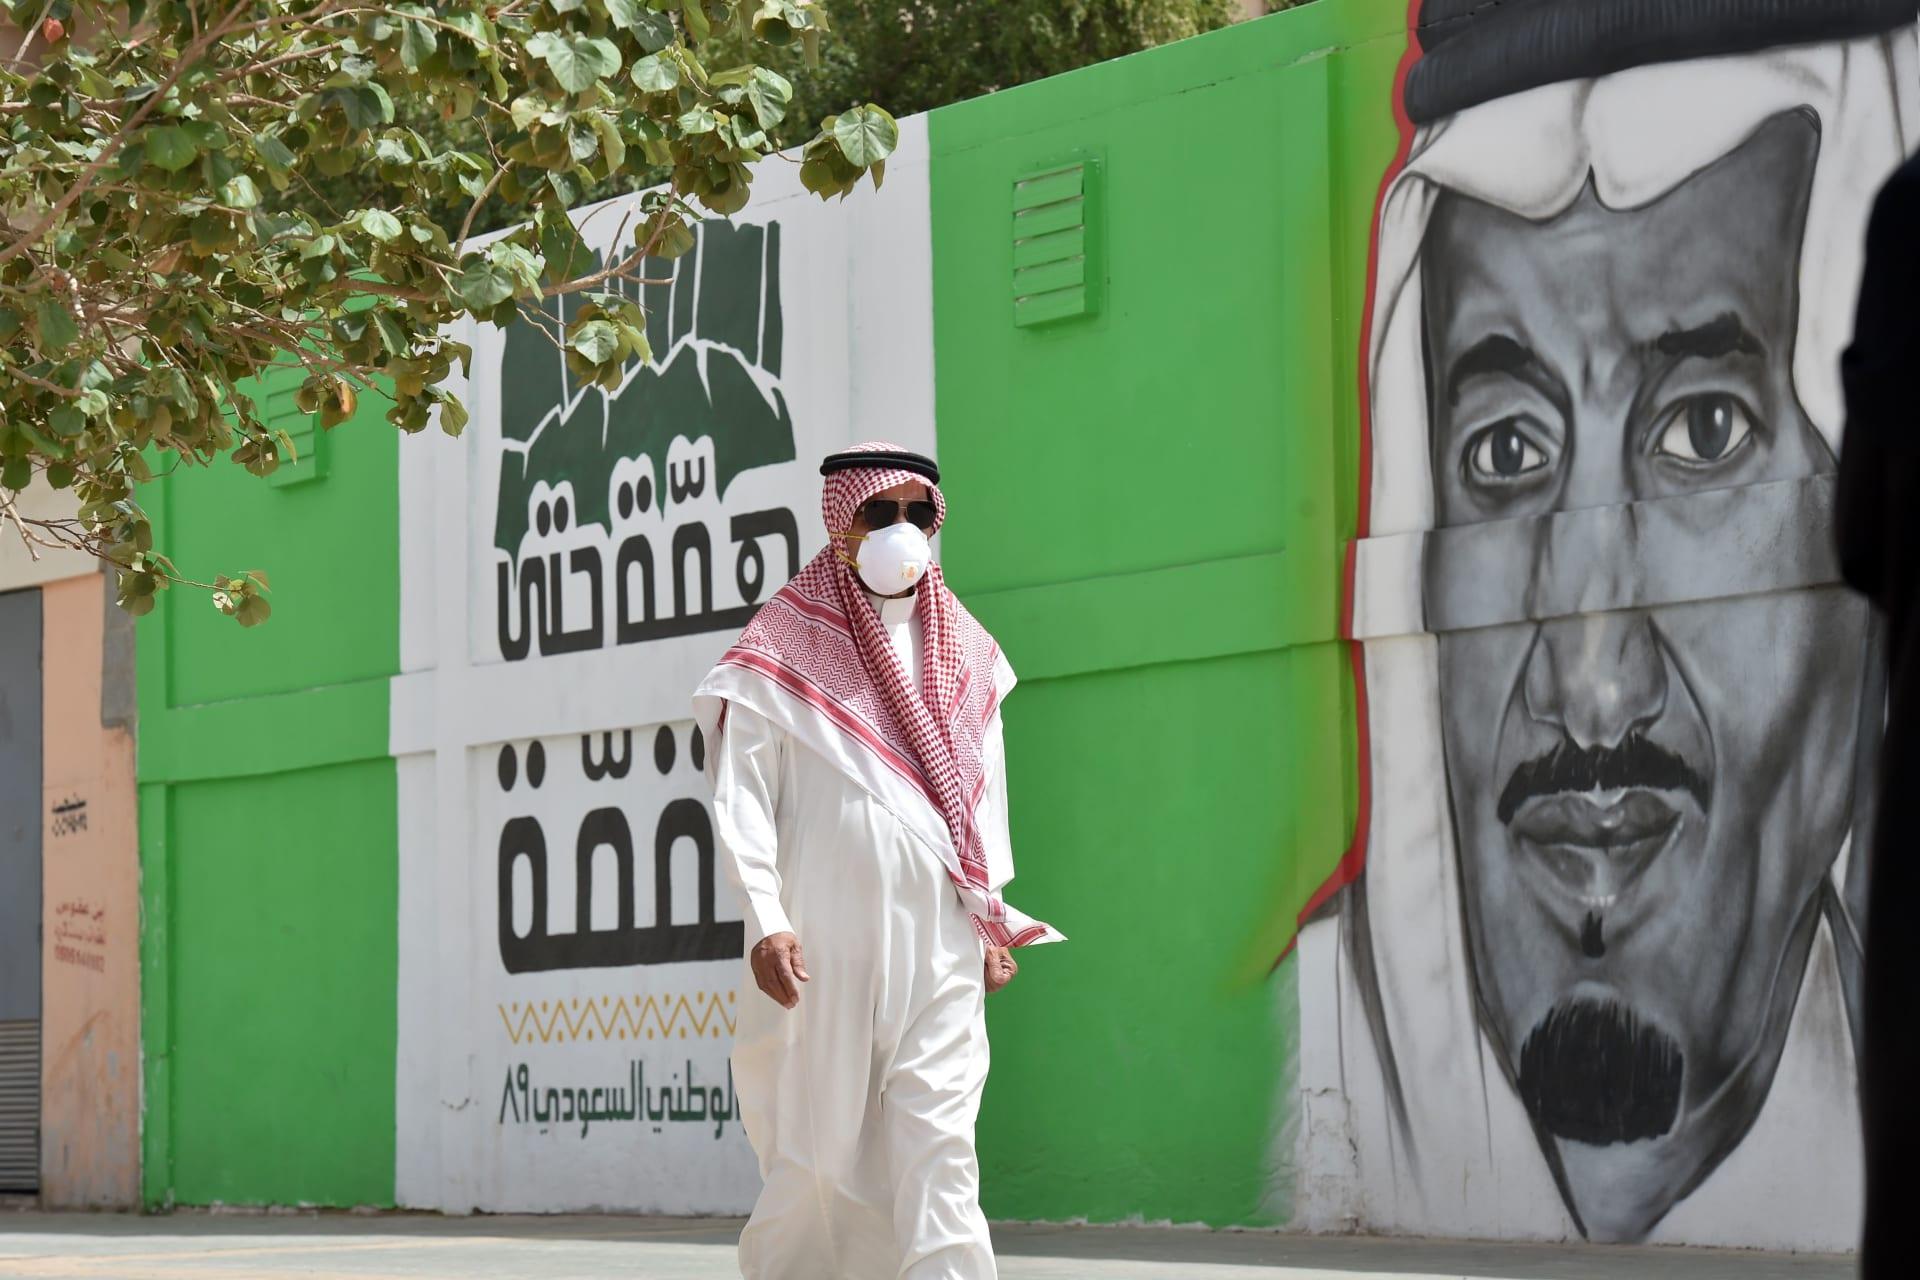 صورة أرشيفية لشخص يرتدي كمامة في أحد شوارع العاصمة السعودية الرياض